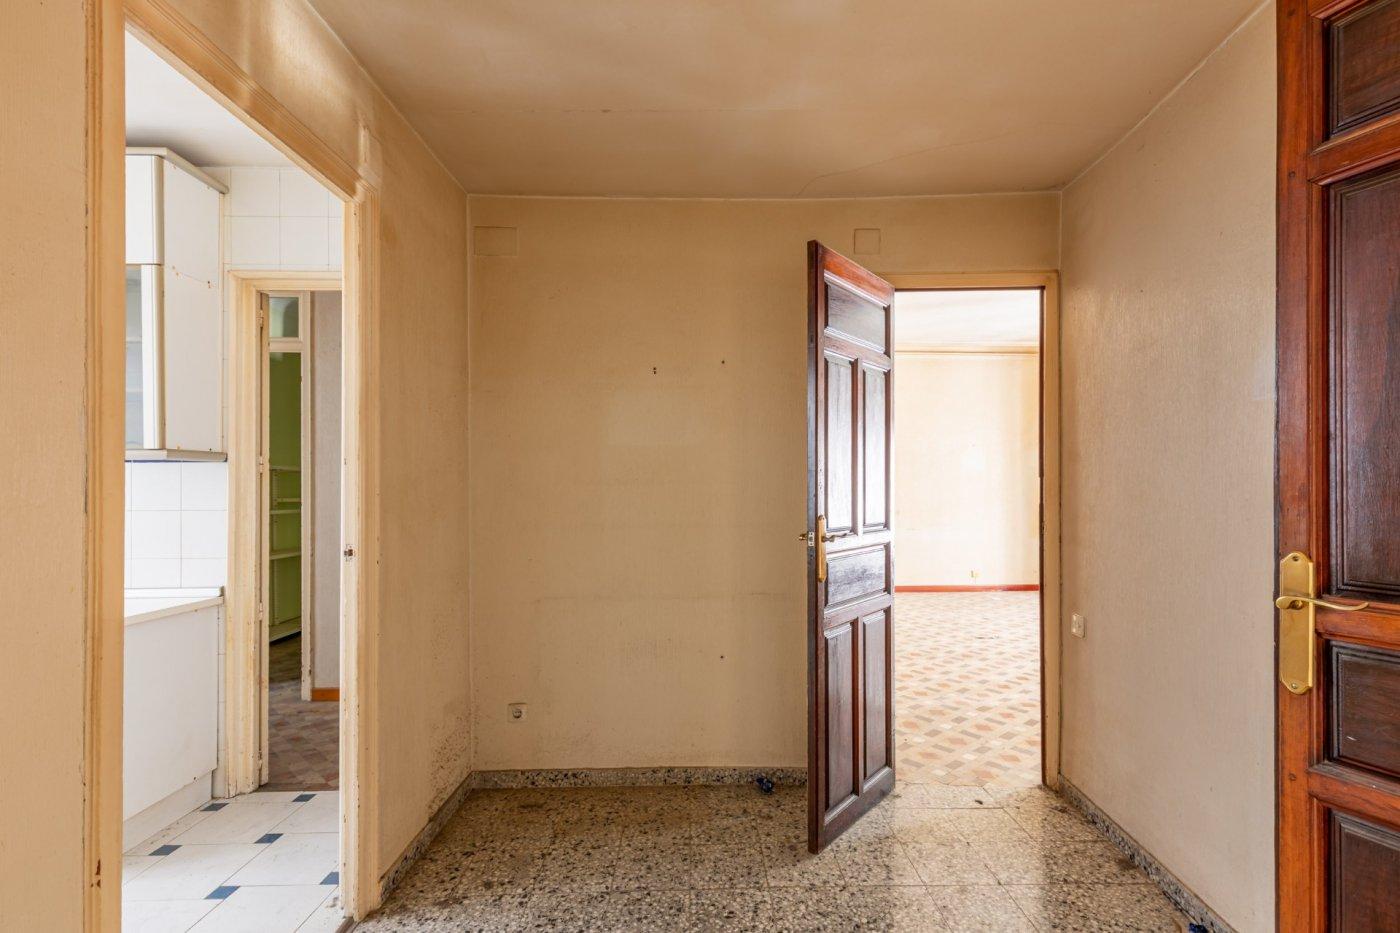 Imponente piso en venta - imagenInmueble11